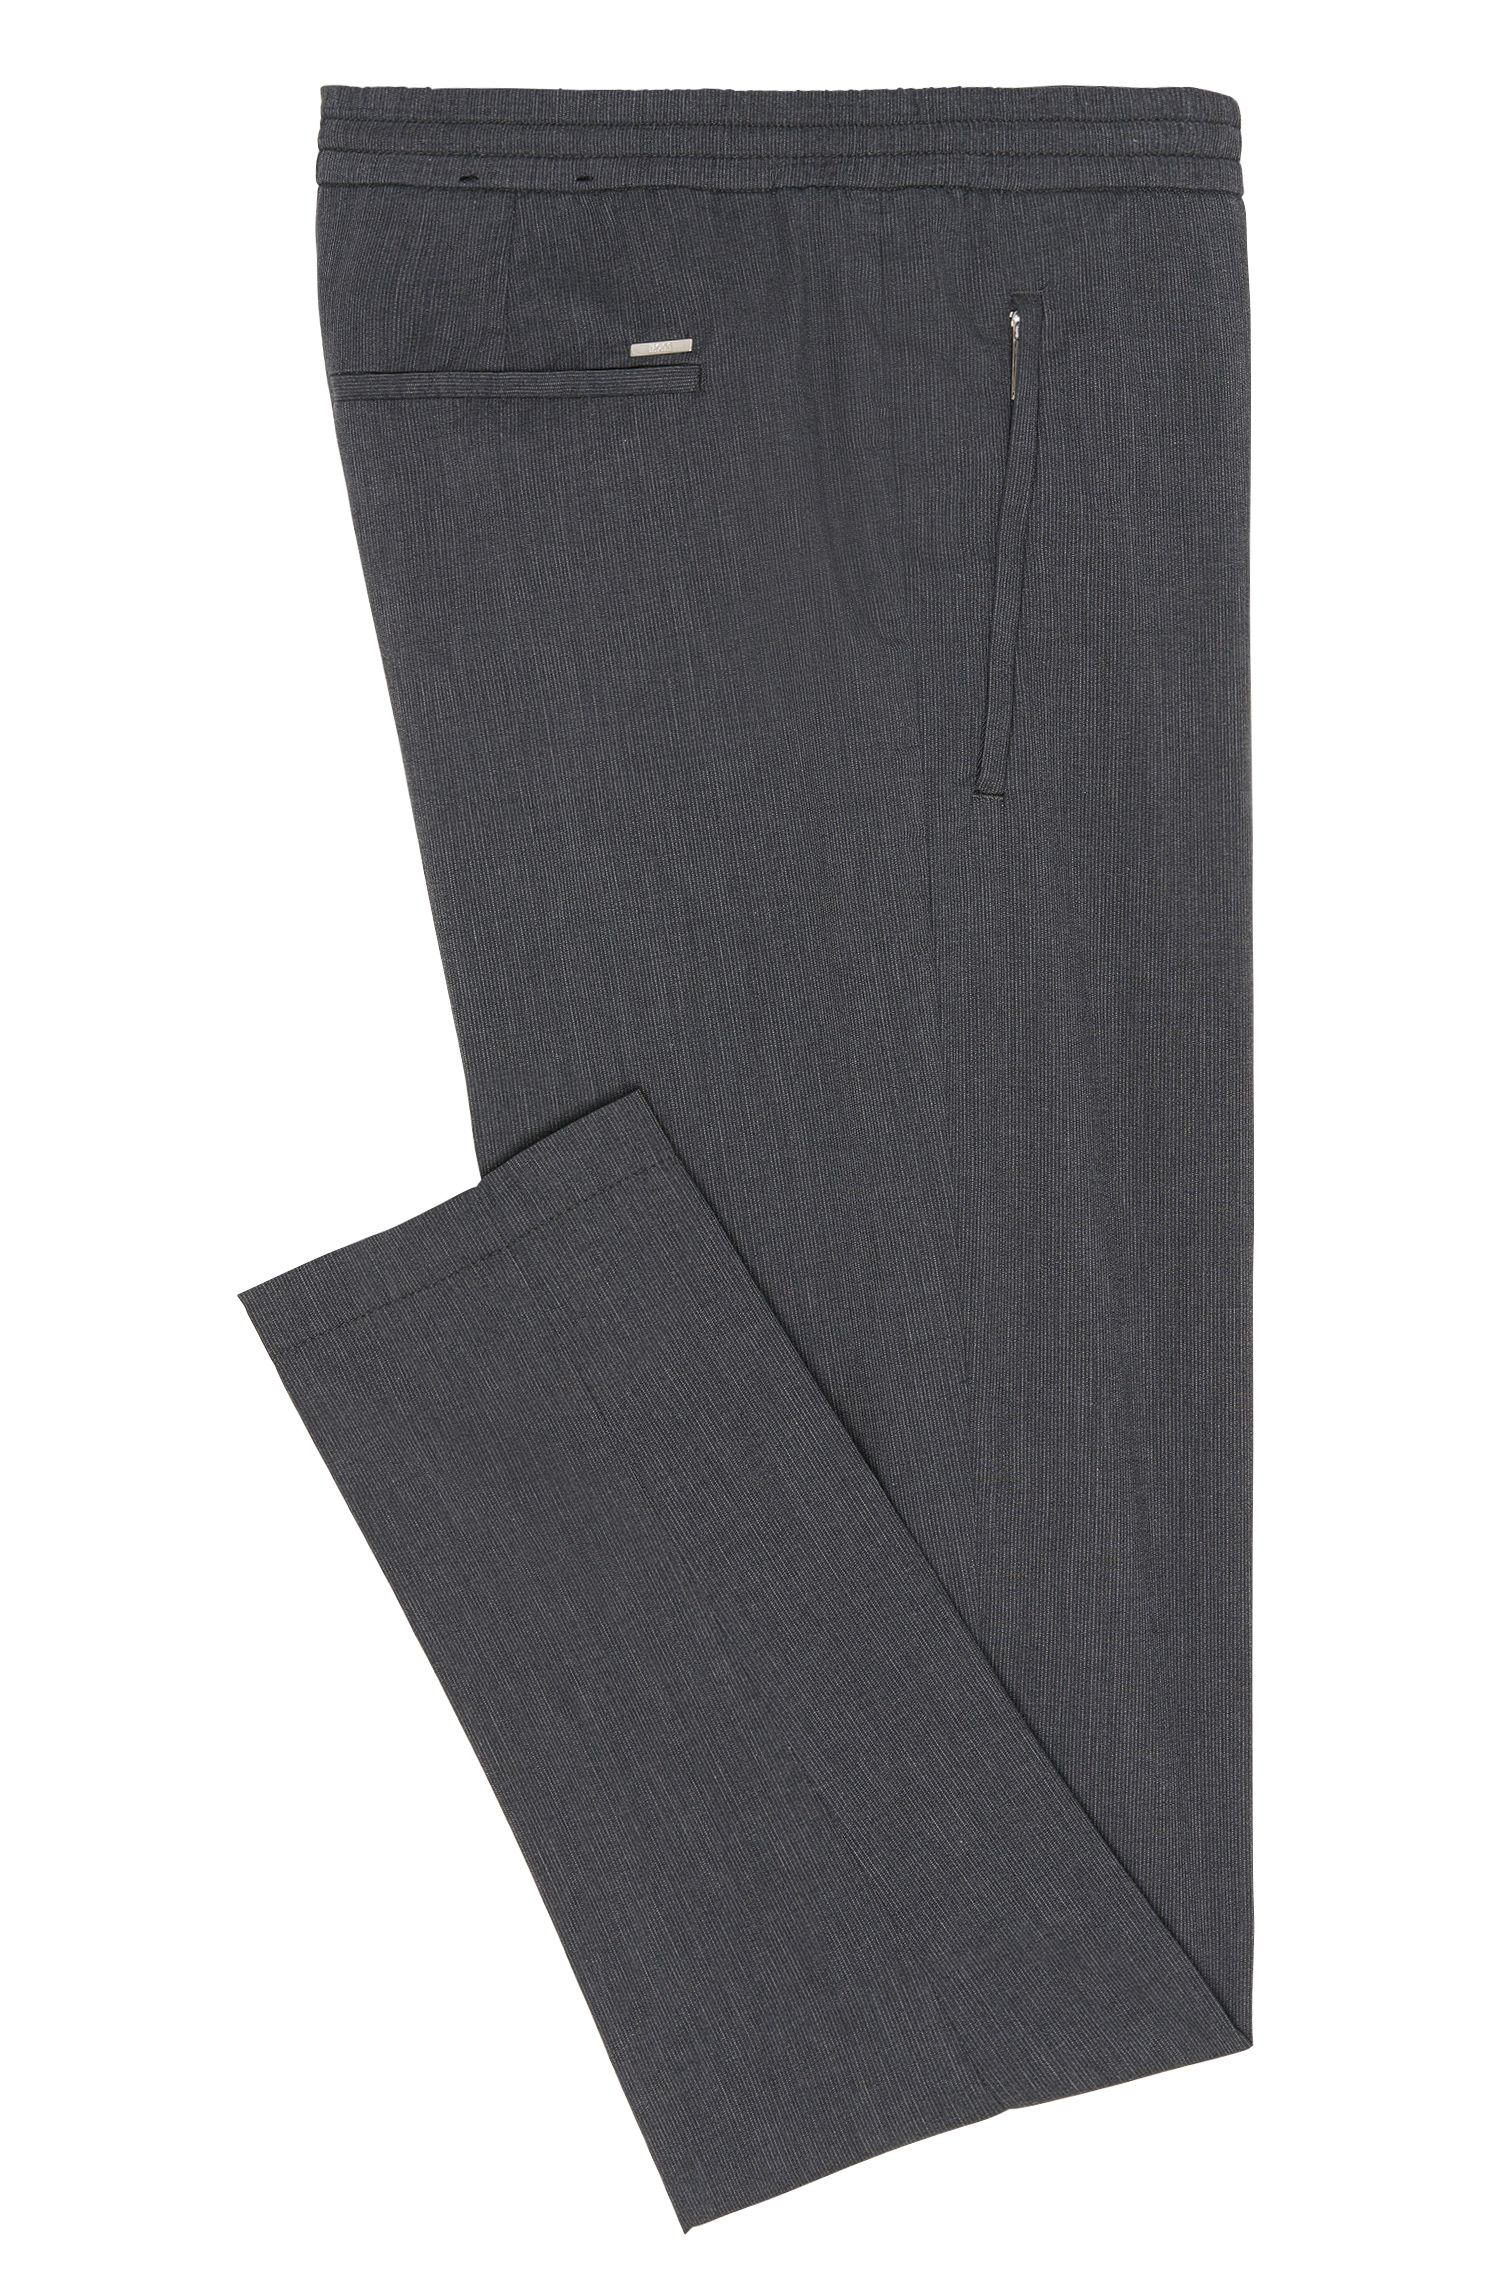 Pantalon Slim Fit en coton mélangé avec taille élastique: «Kito-Drawstring-W»